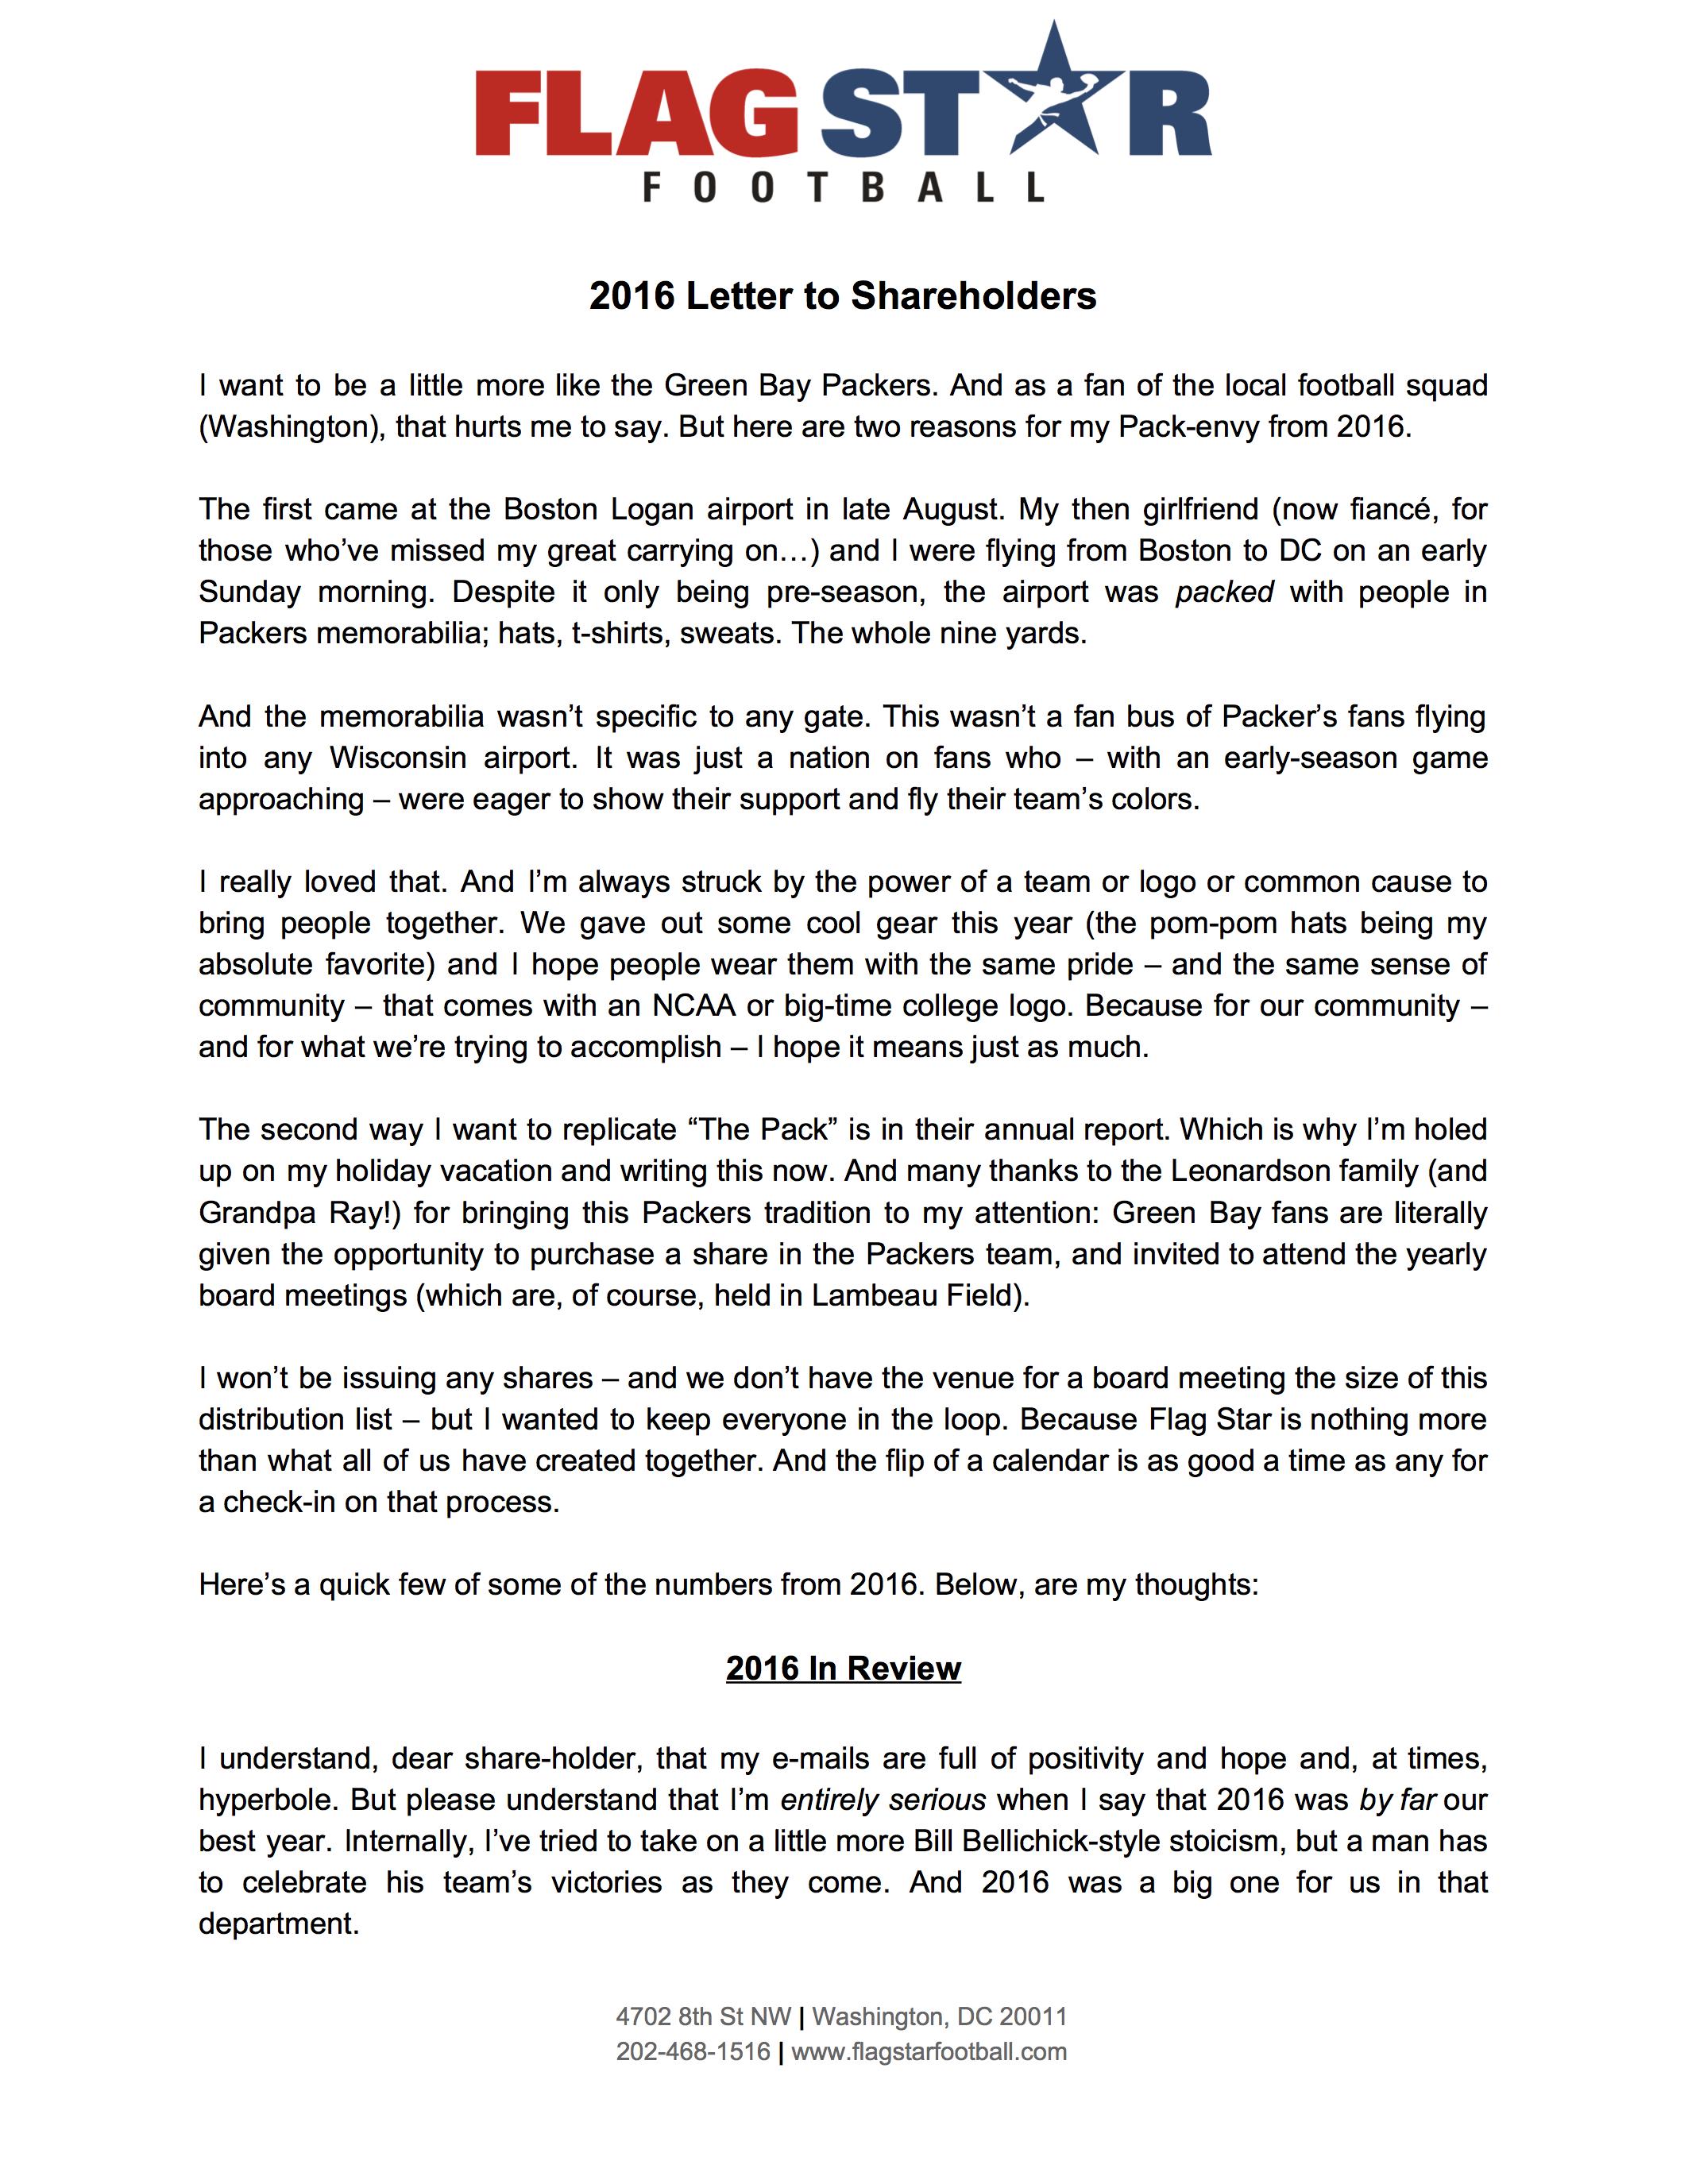 2016 Letter to Sharholders p1.jpg